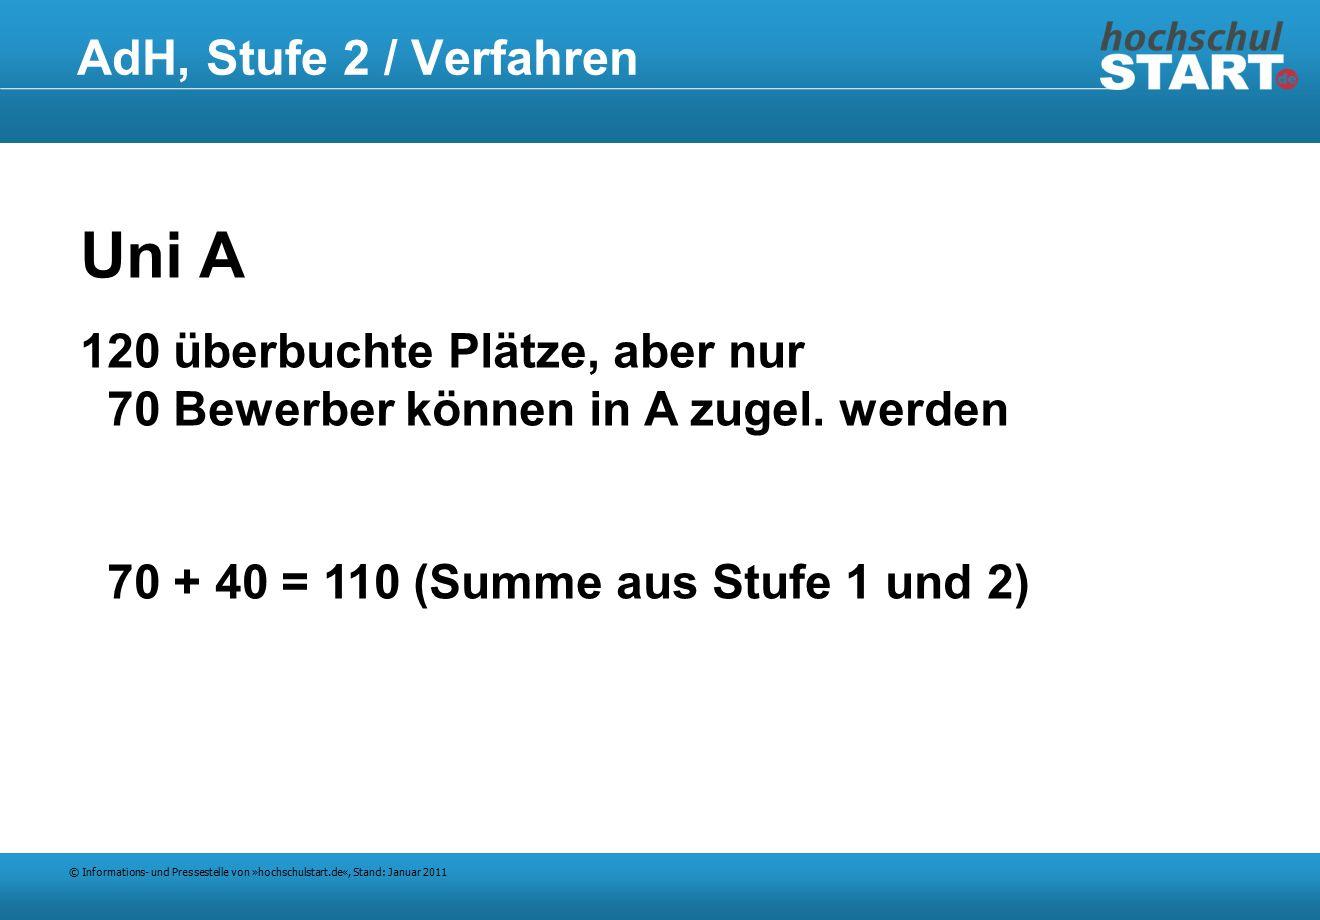 © Informations- und Pressestelle von »hochschulstart.de«, Stand: Januar 2011 AdH, Stufe 2 / Verfahren Uni A 120 überbuchte Plätze, aber nur 70 Bewerber können in A zugel.